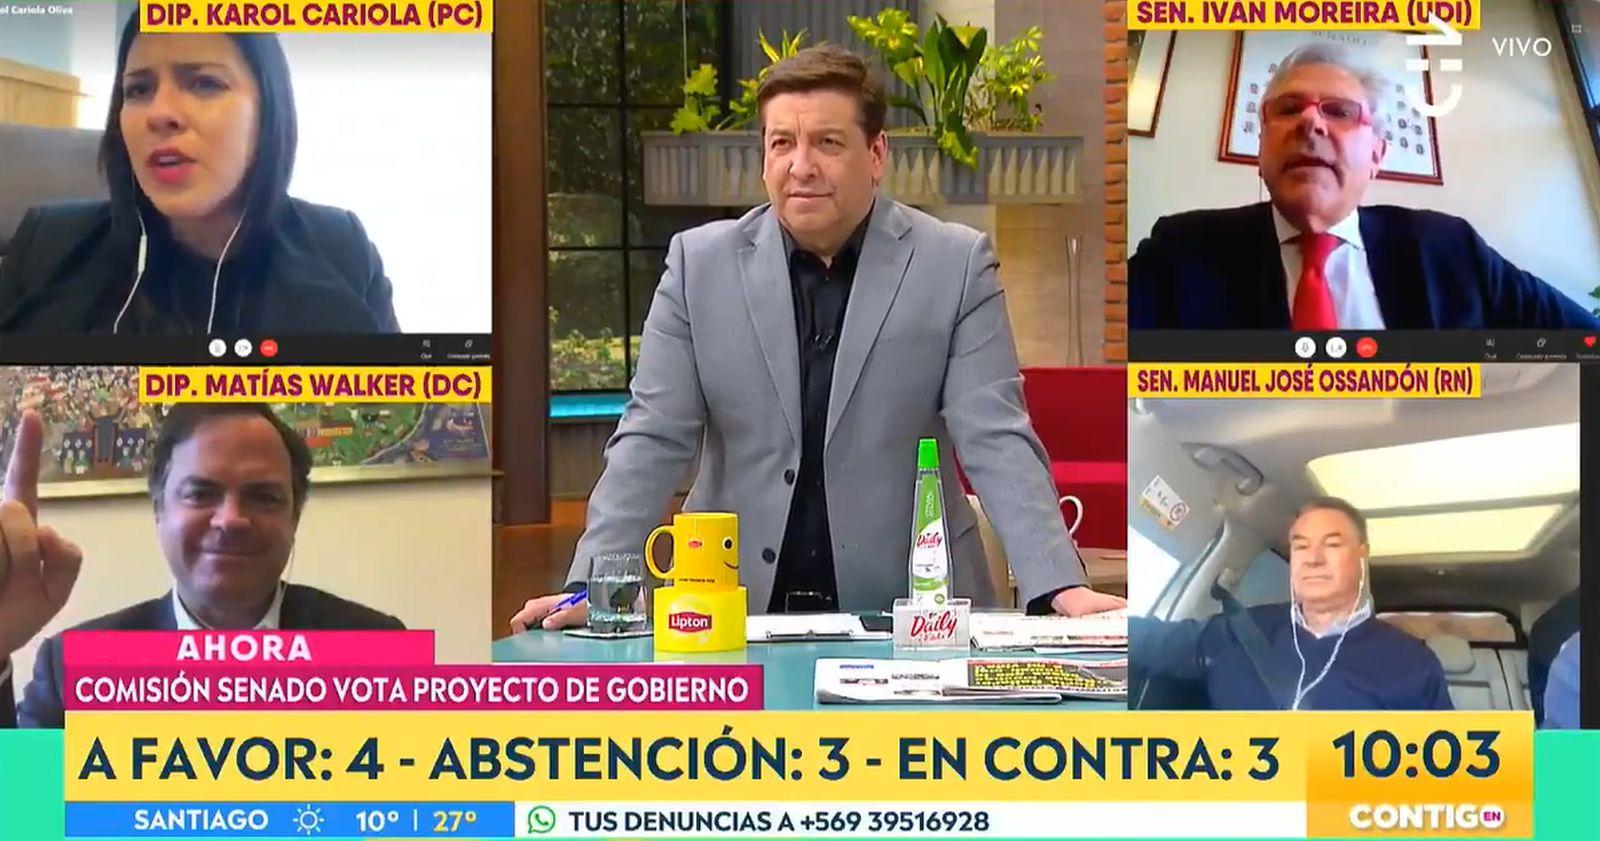 """VIDEO – """"No seas populista, chiquilla"""": el tenso cruce entre Iván Moreira y Karol Cariola en CHV"""